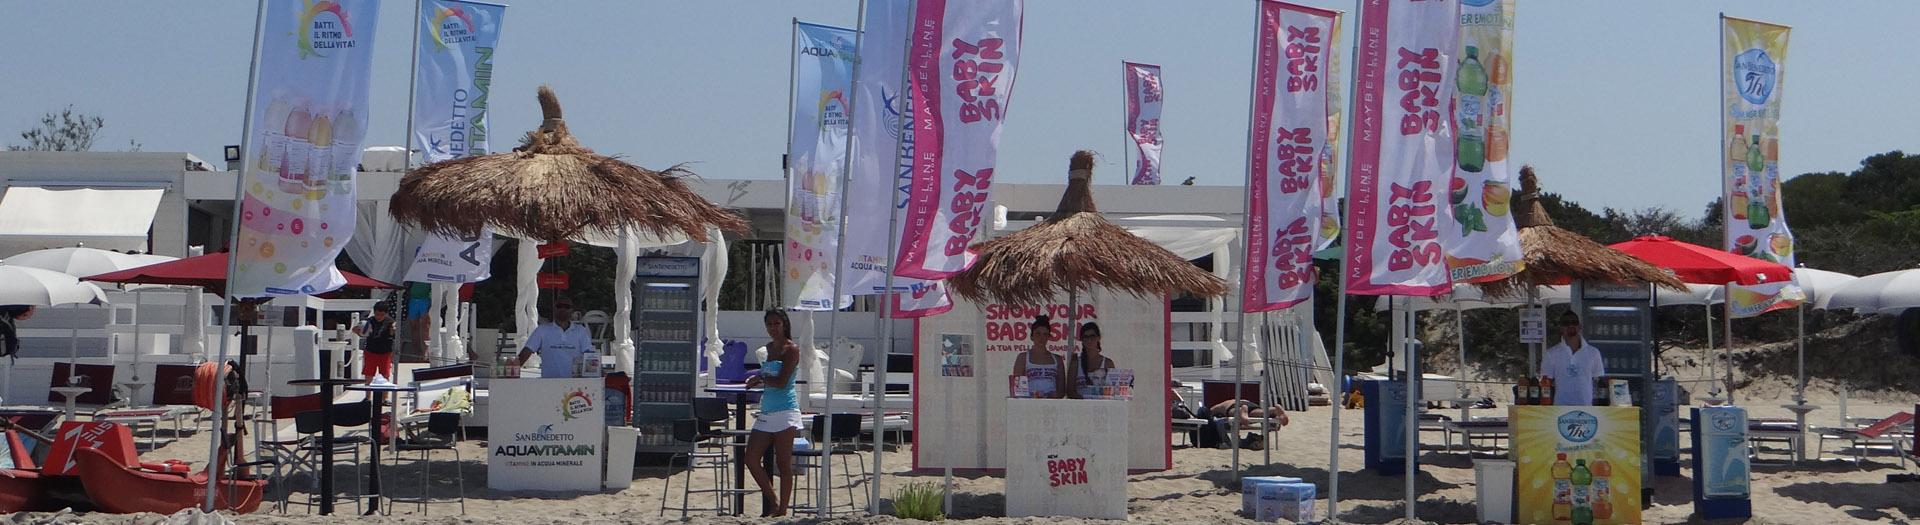 Tour nelle migliori spiagge per aumentare la visibilità del brand tramite contatto diretto con il consumatore finale